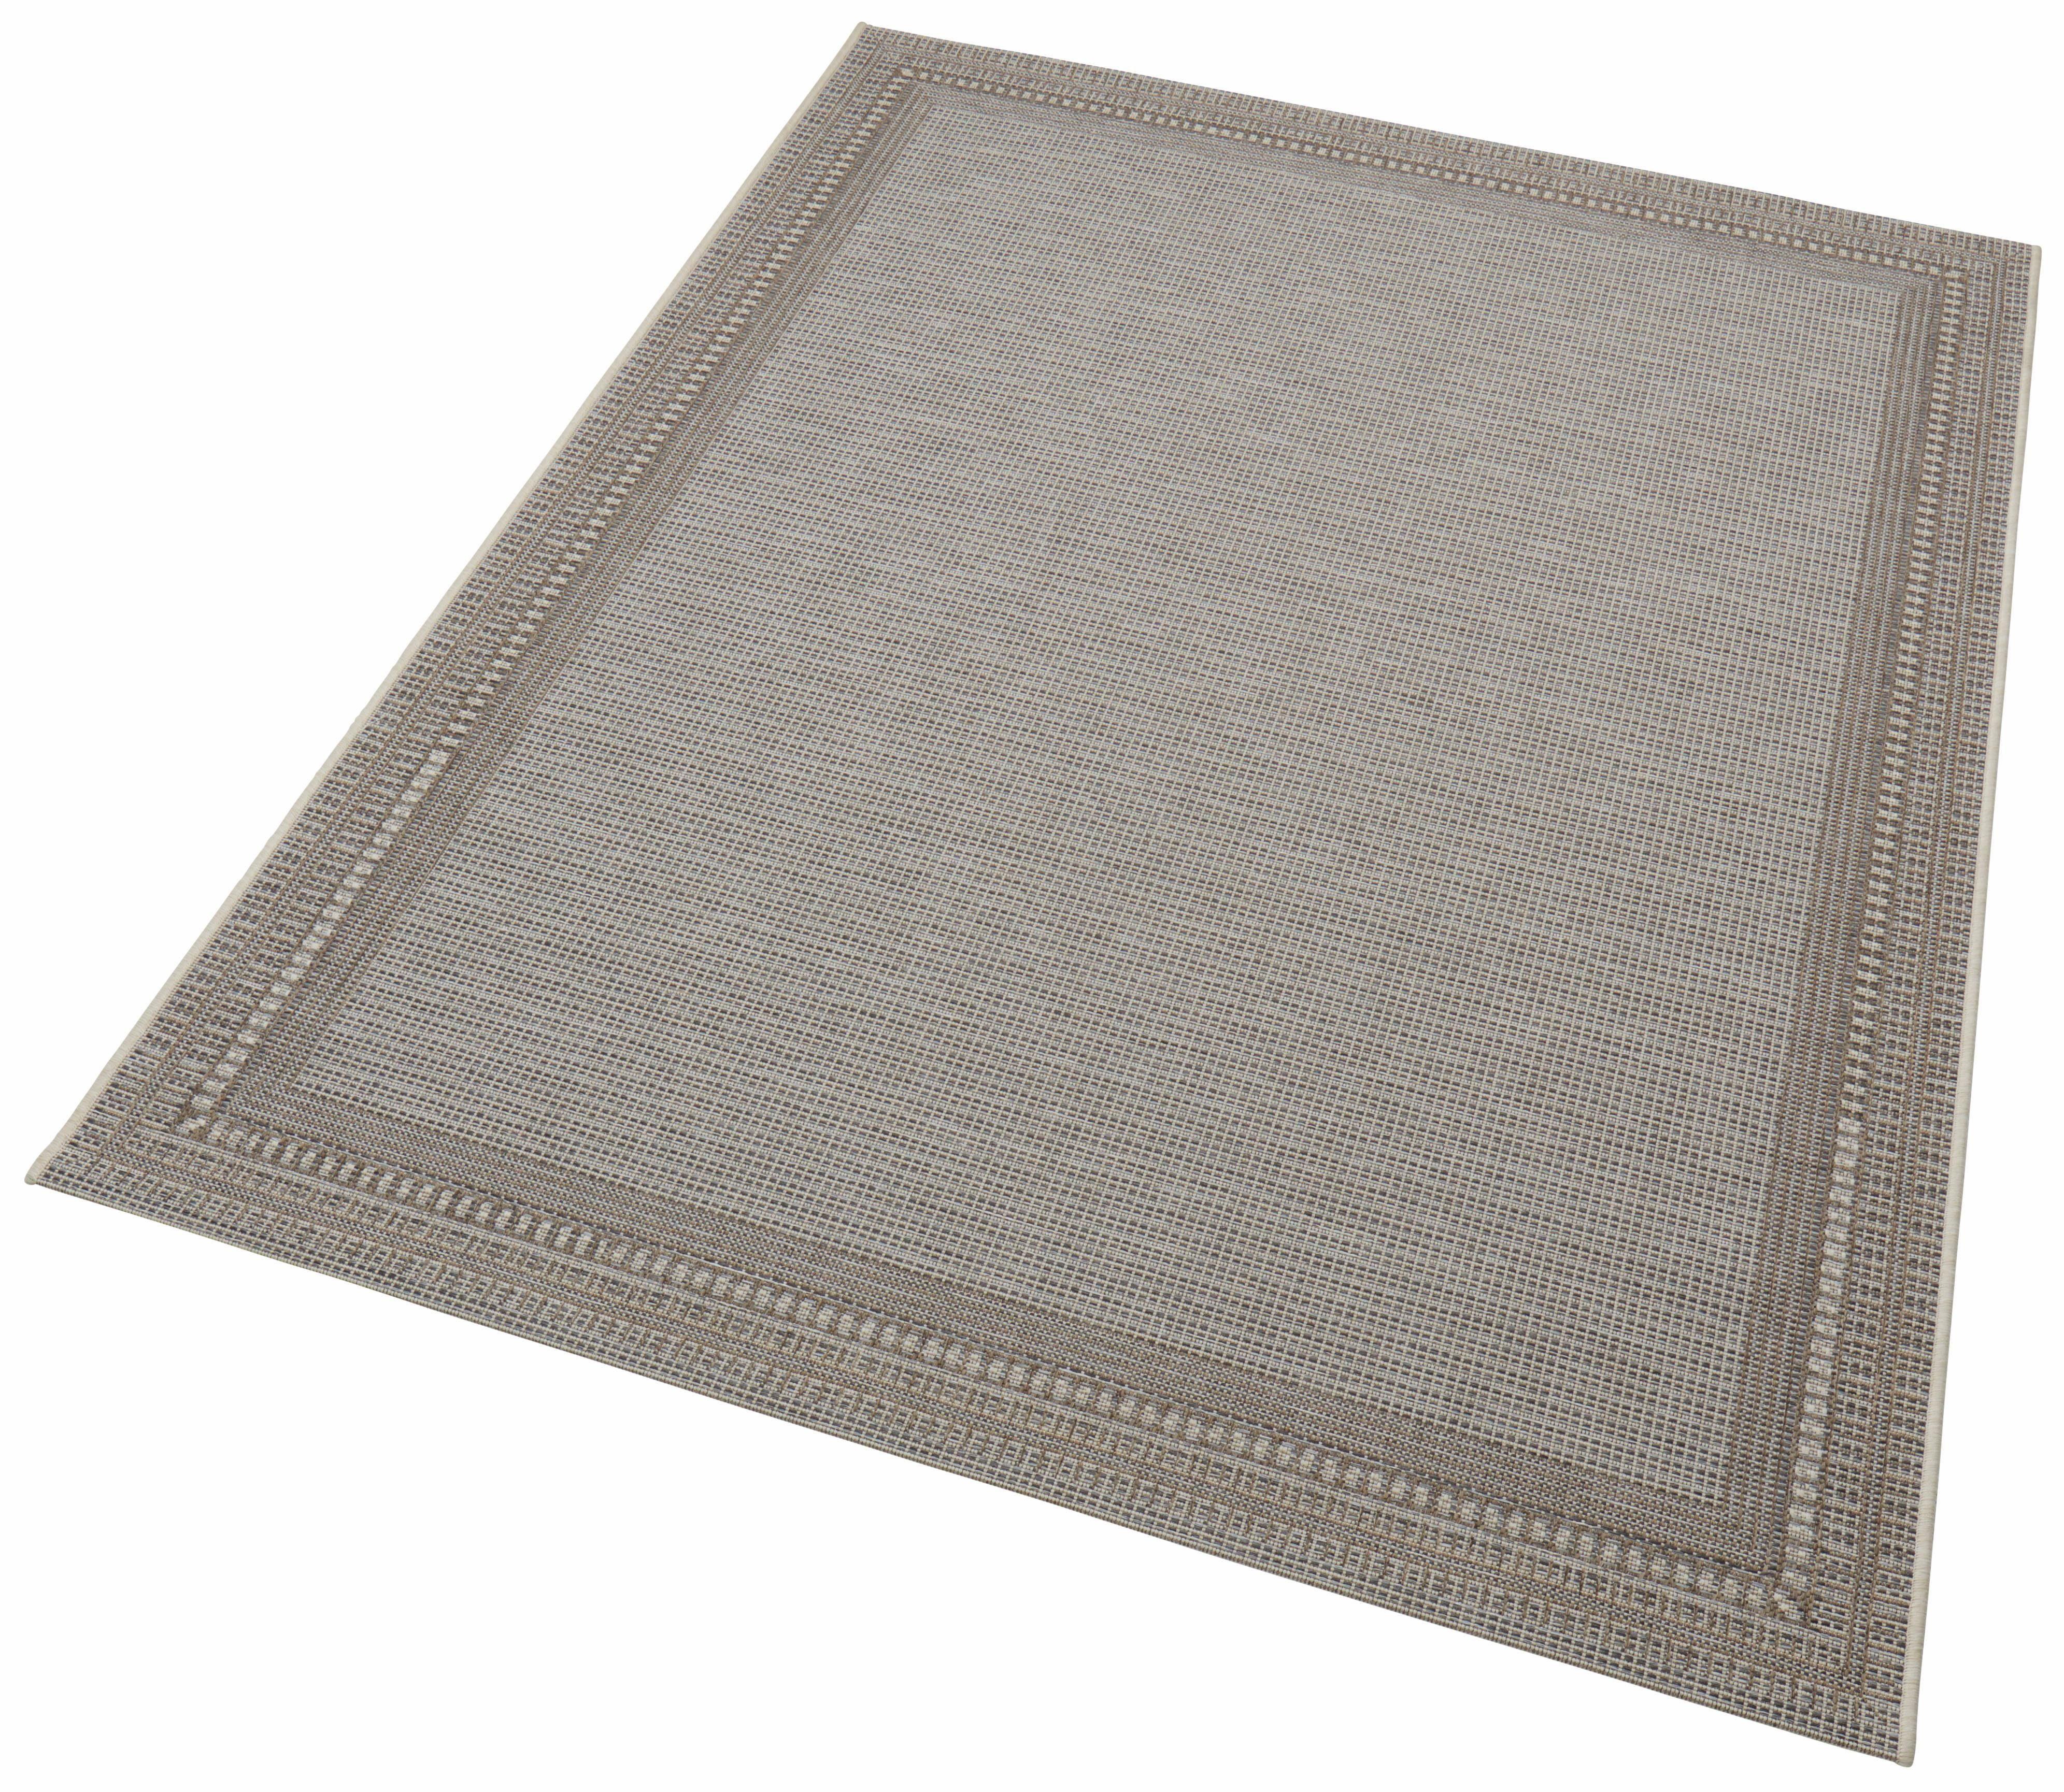 Teppich »Ocean«, freundin Home Collection, rechteckig, Höhe 4 mm, In- und Outdoor geeignet